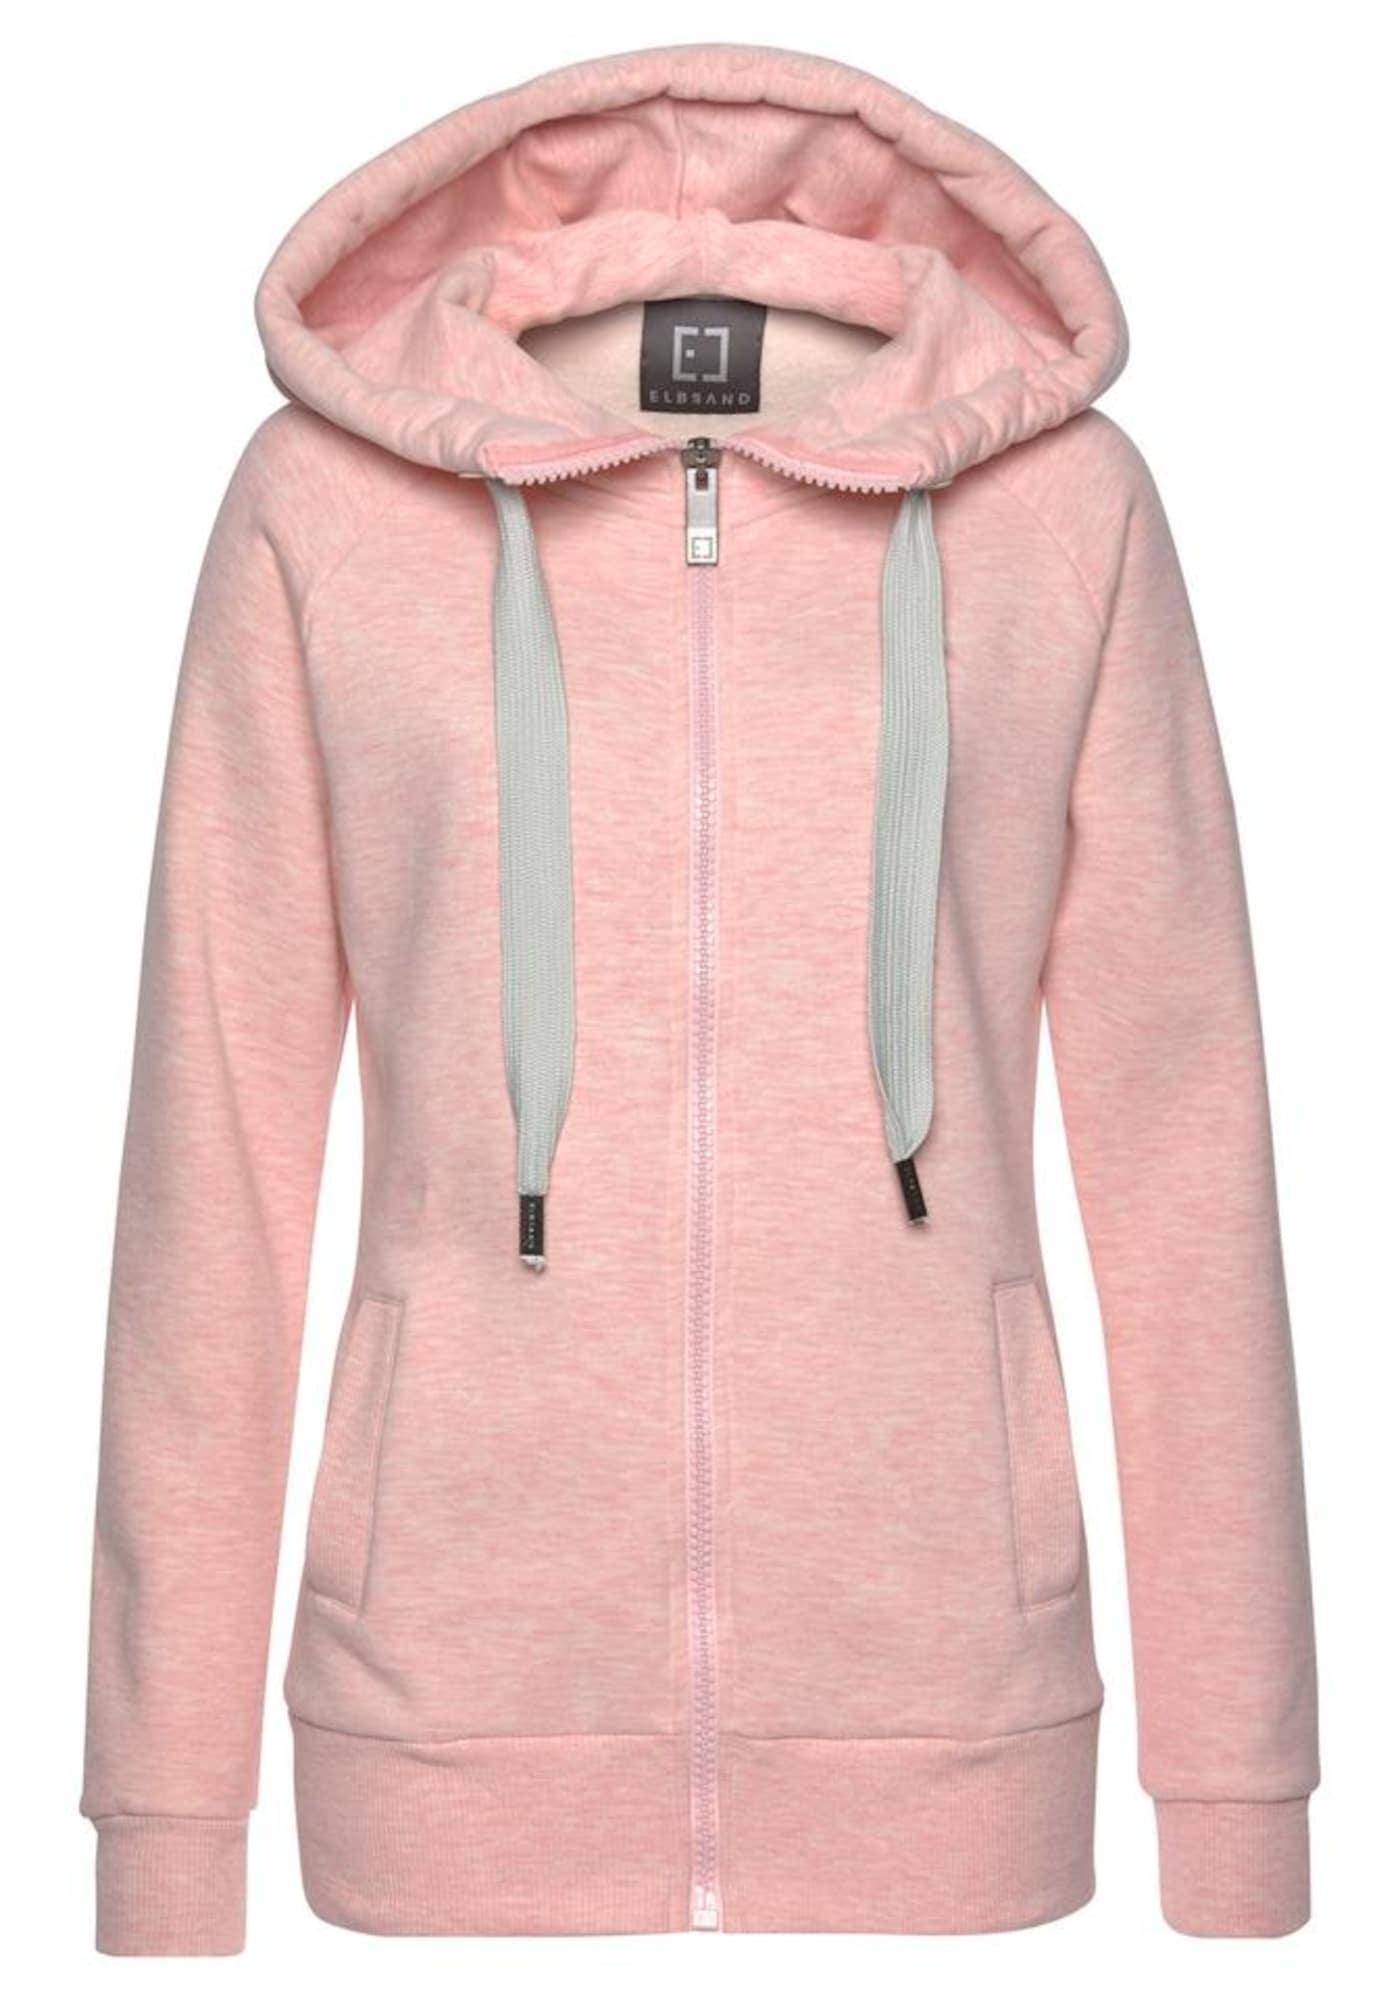 Kapuzensweatjacke   Bekleidung > Sweatshirts & -jacken   Elbsand